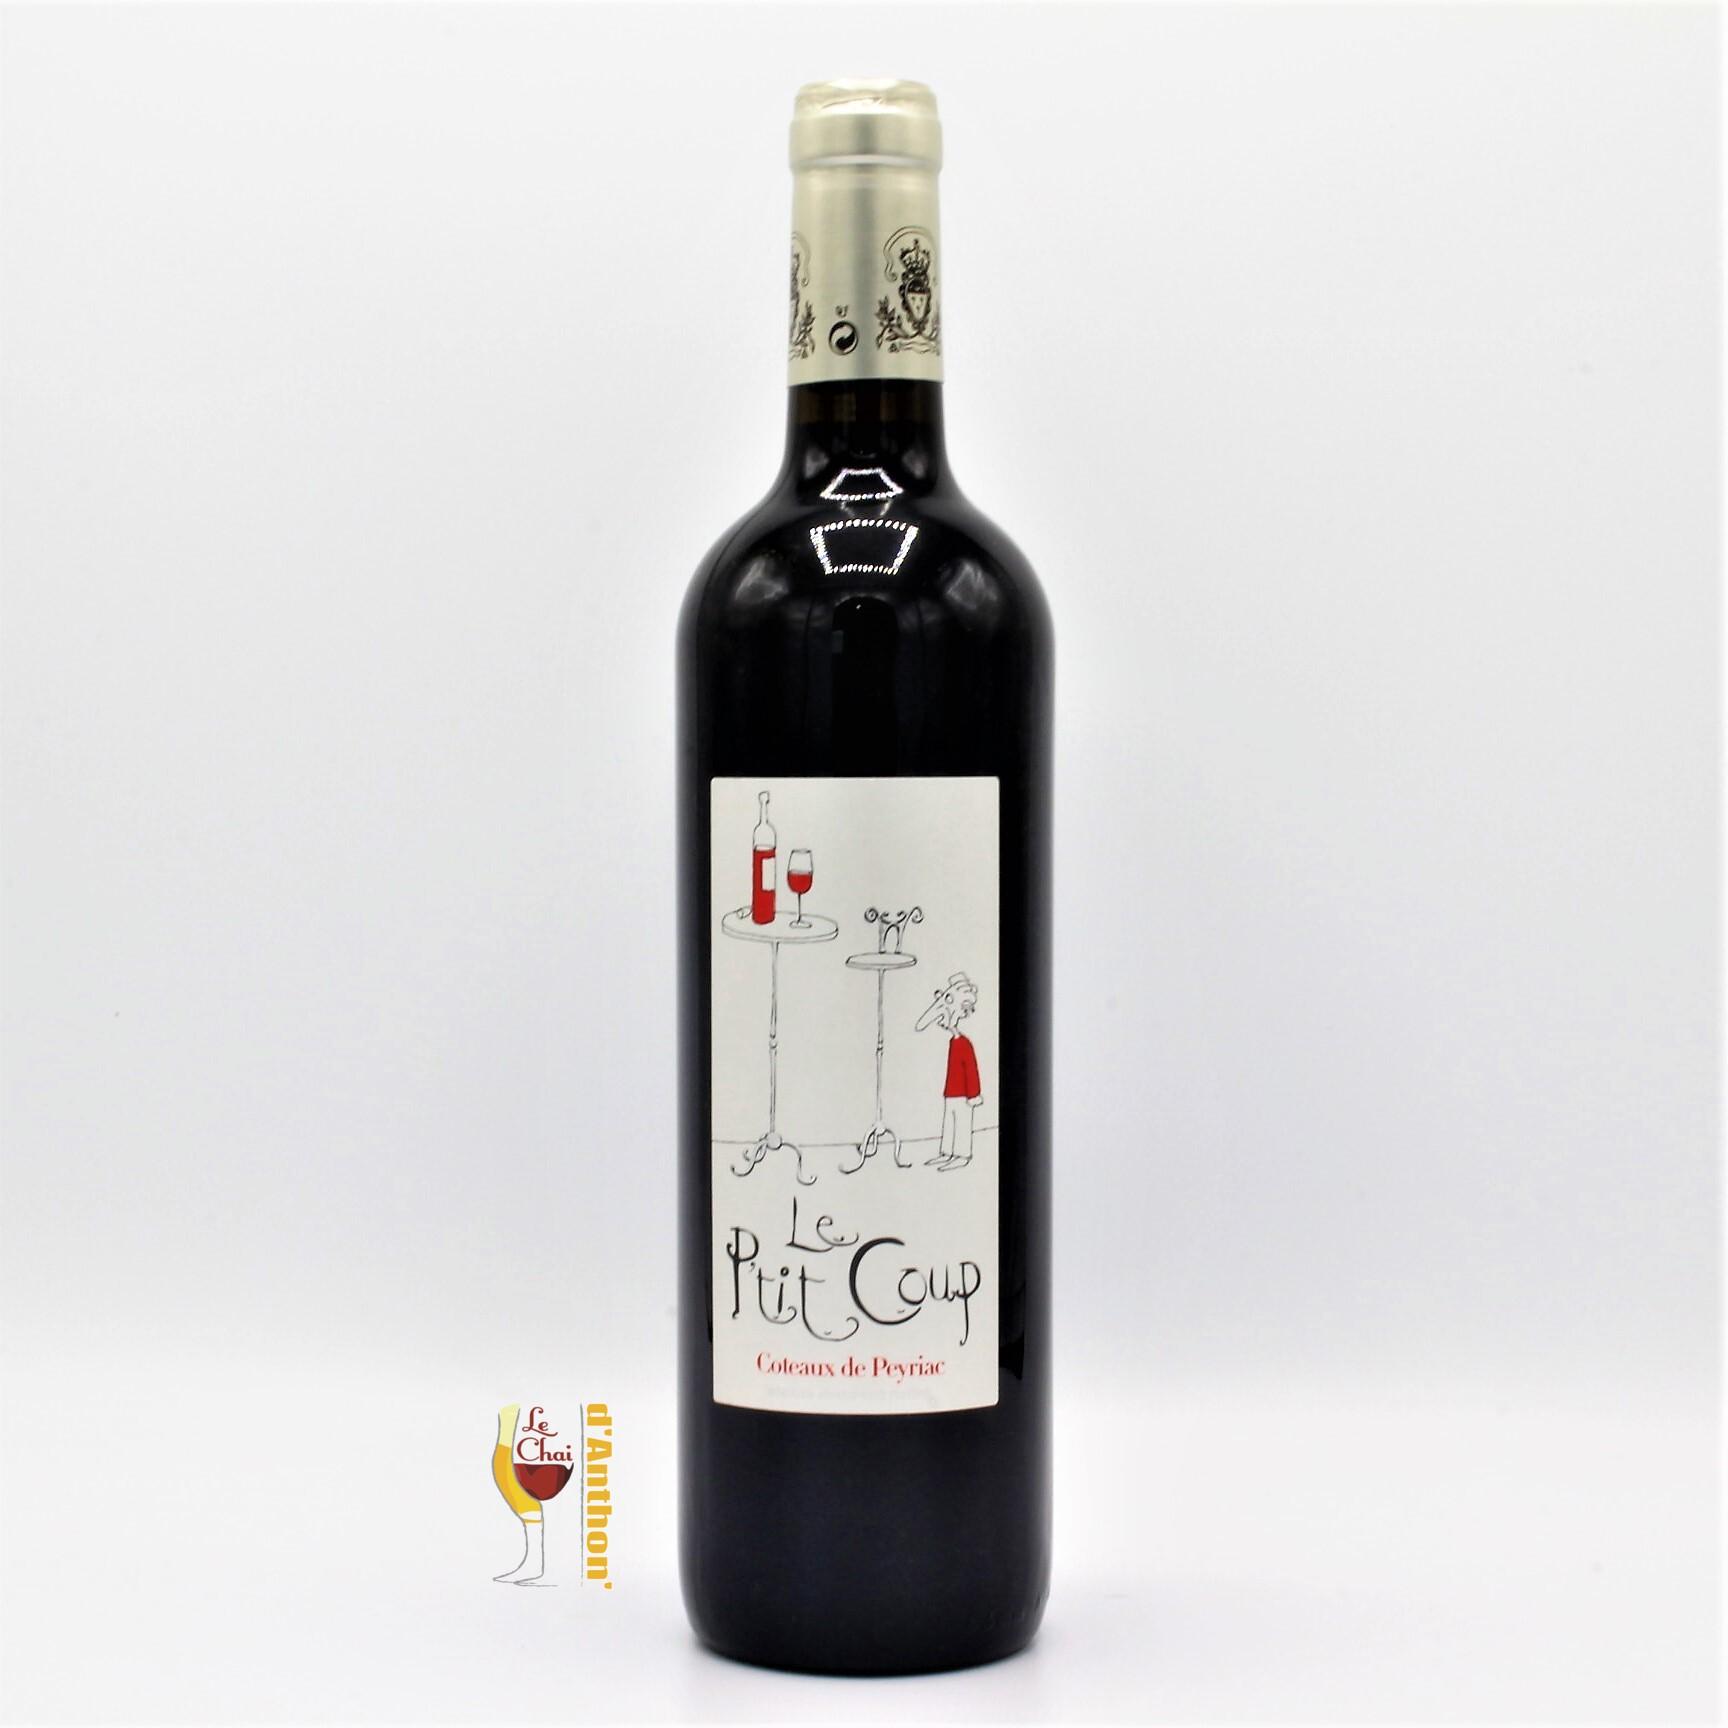 Le Chai D&658.JPG039;Anthon Vin Bouteille Rouge Languedoc Coteaux De Peyriac Le Ptit Coup Donjon 75cl 658